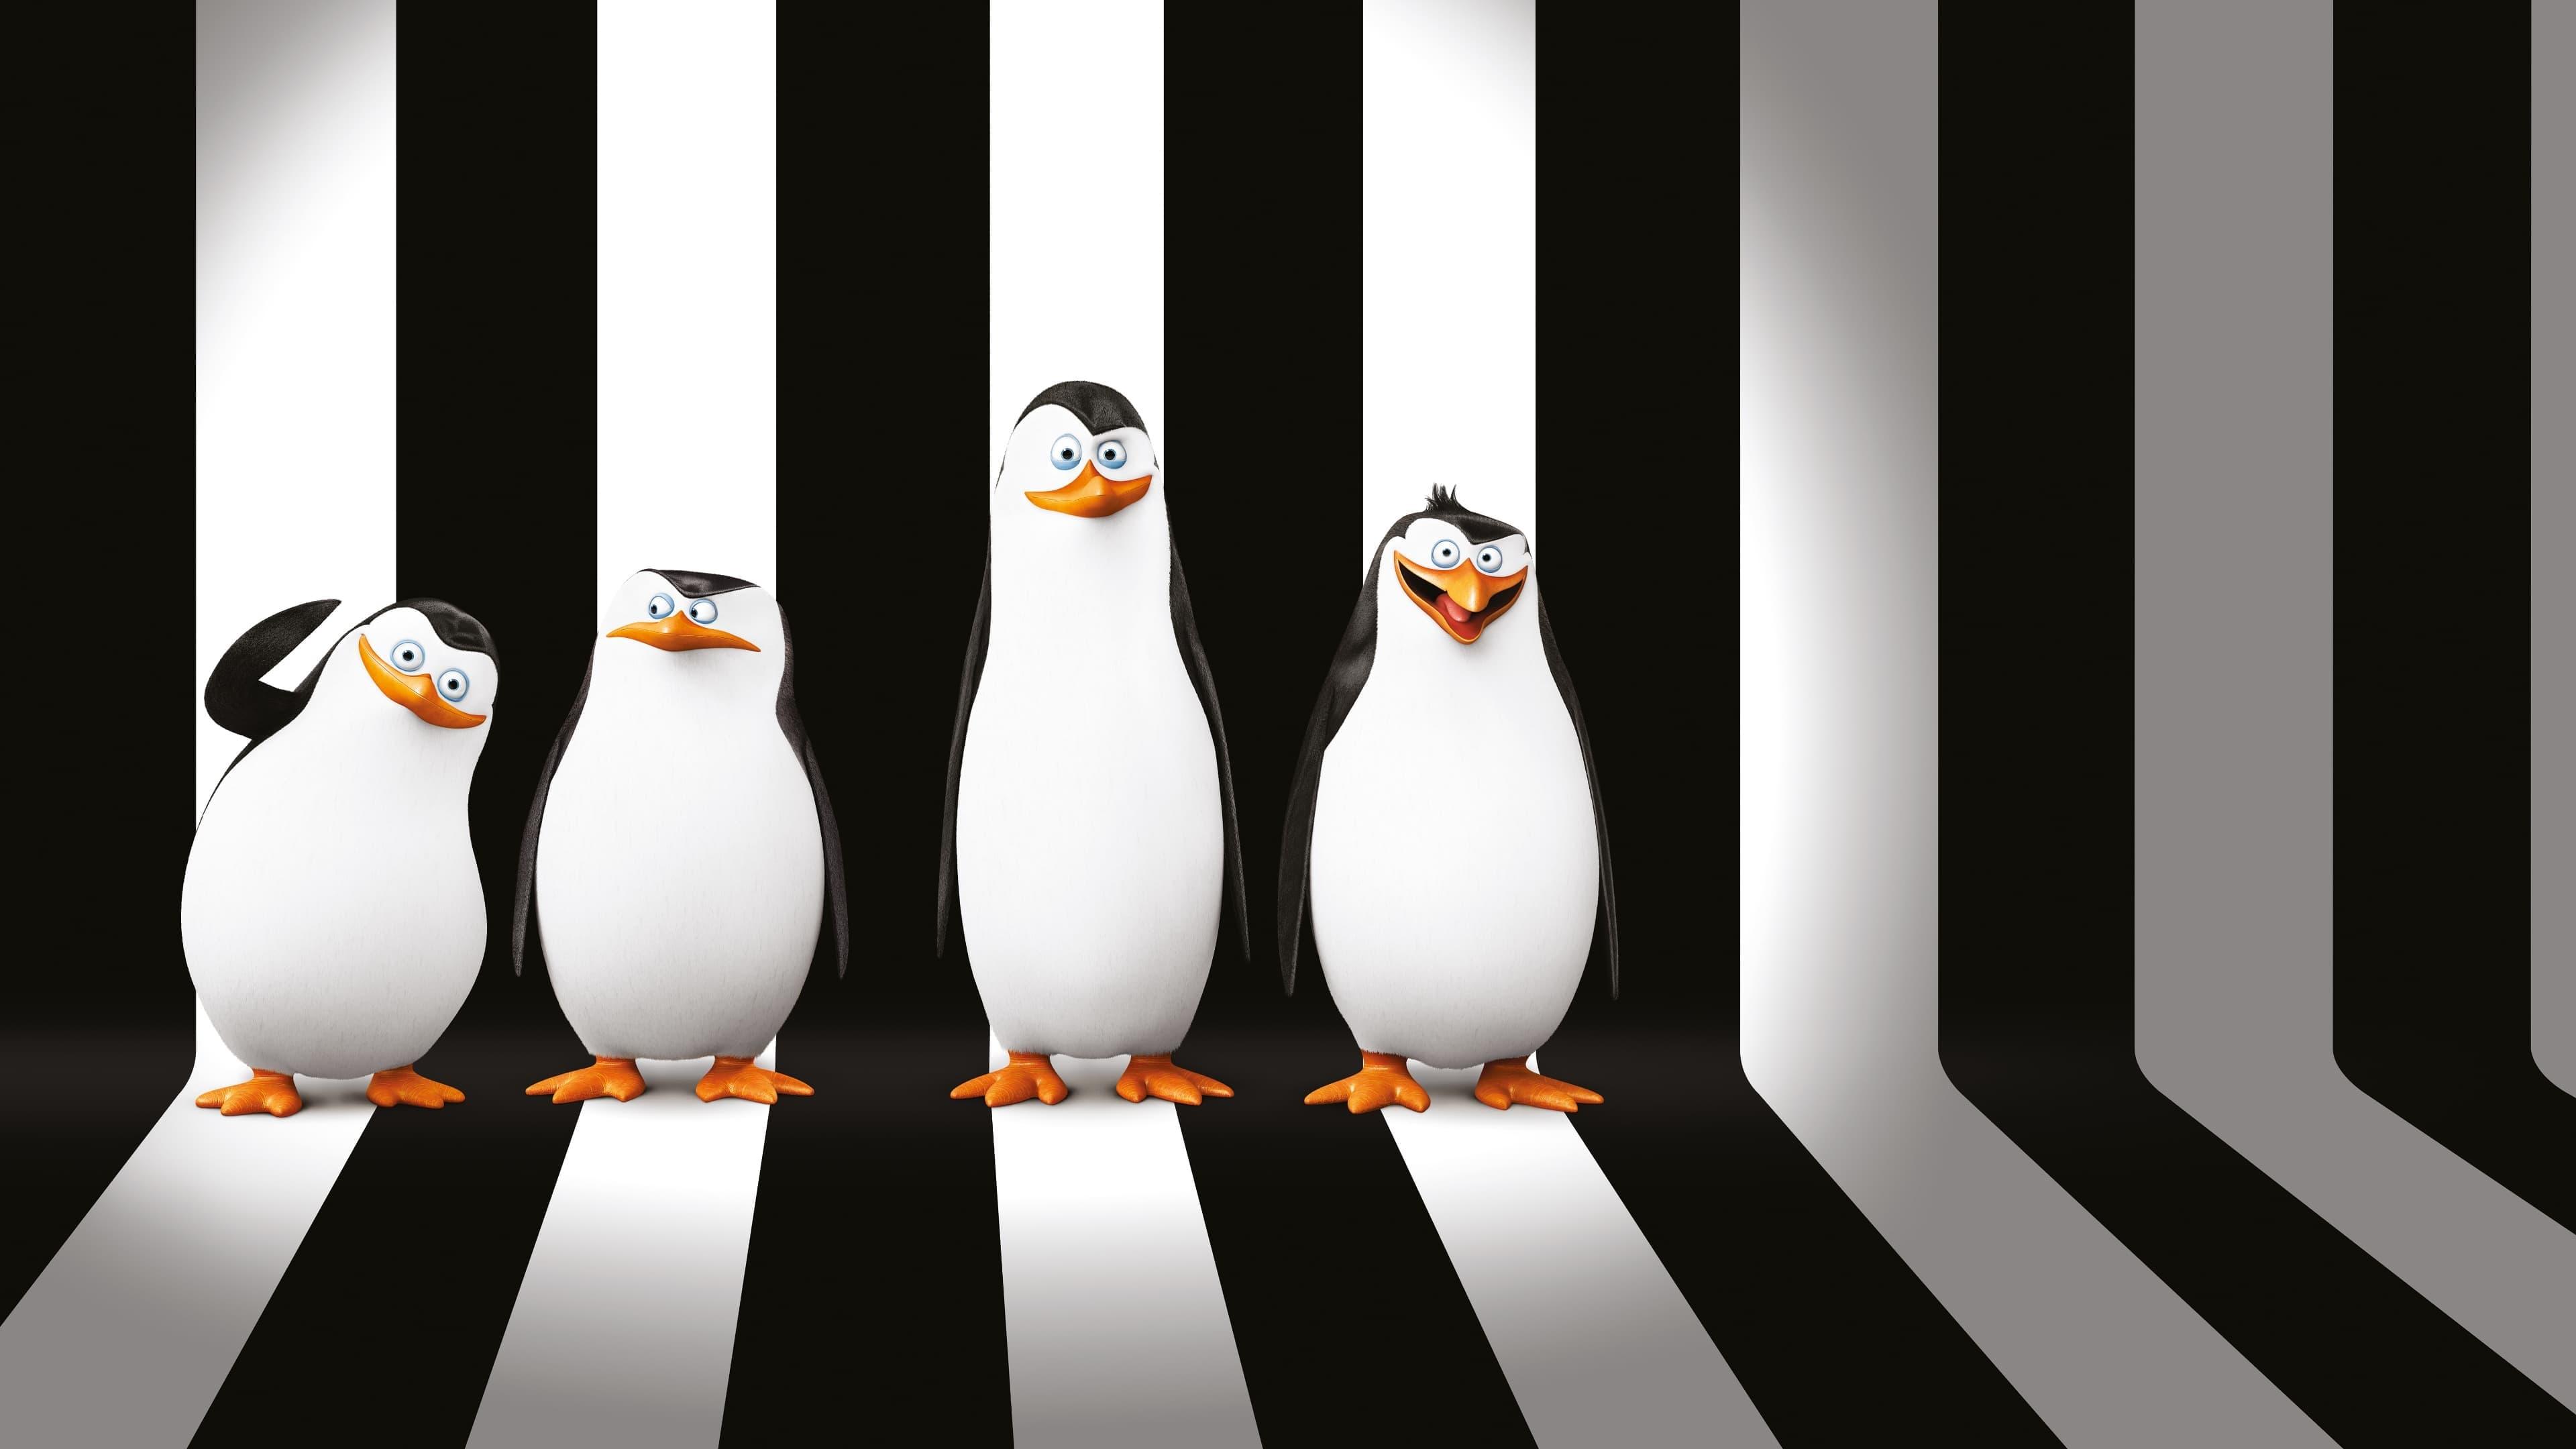 Penguins Of Madagascar 2014 Backdrops The Movie Database Tmdb